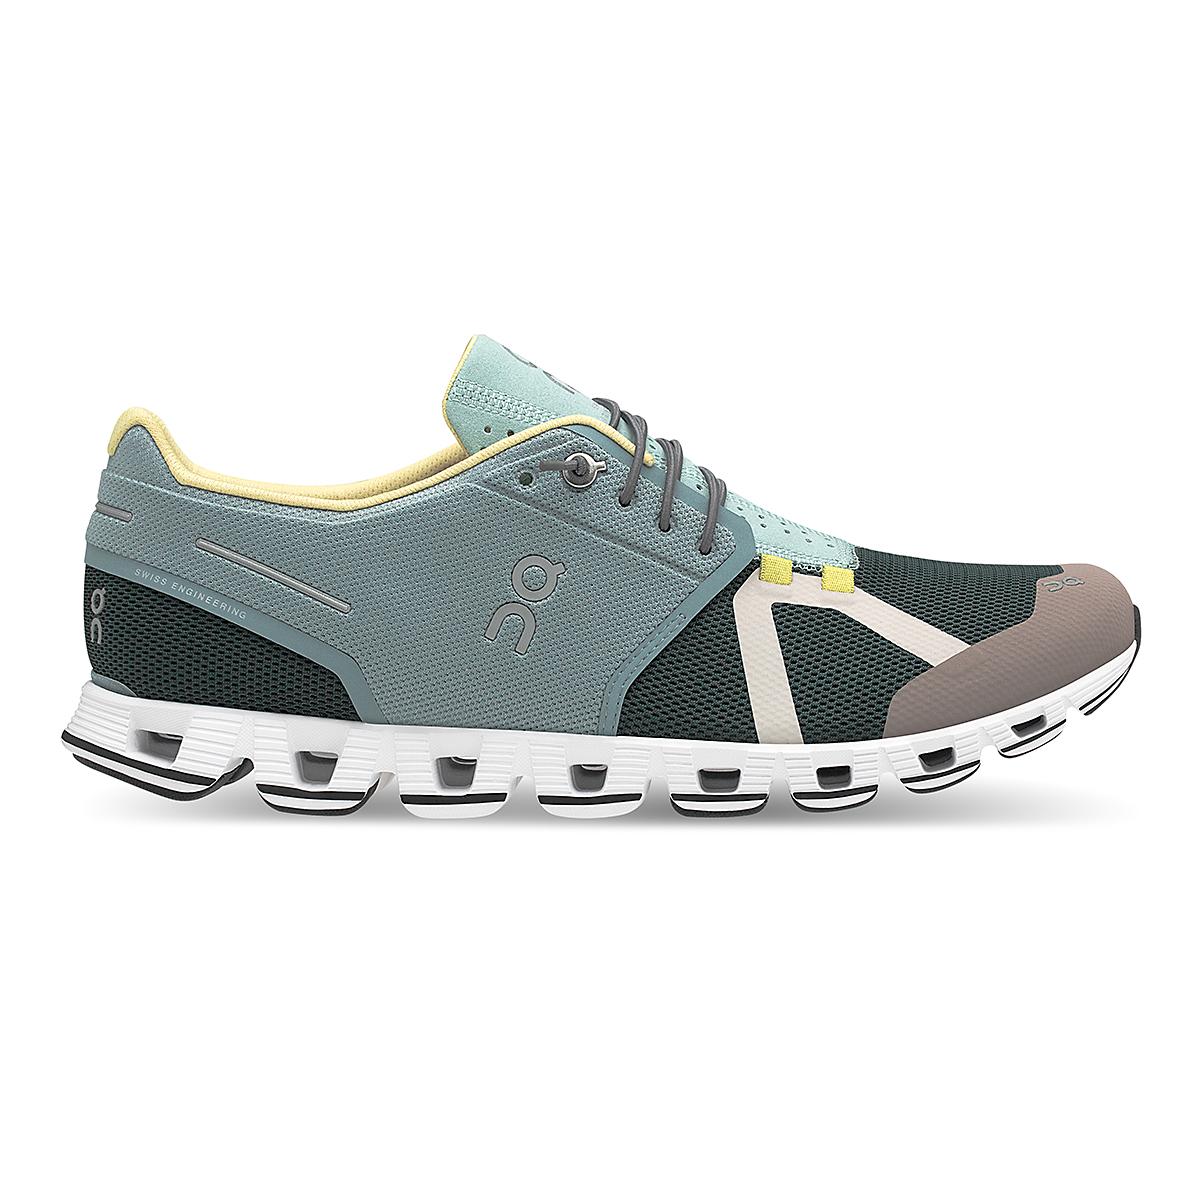 Men's On Cloud 70/30 Lifestyle Shoe - Color: Cobble/Jungle - Size: 7 - Width: Regular, Cobble/Jungle, large, image 1